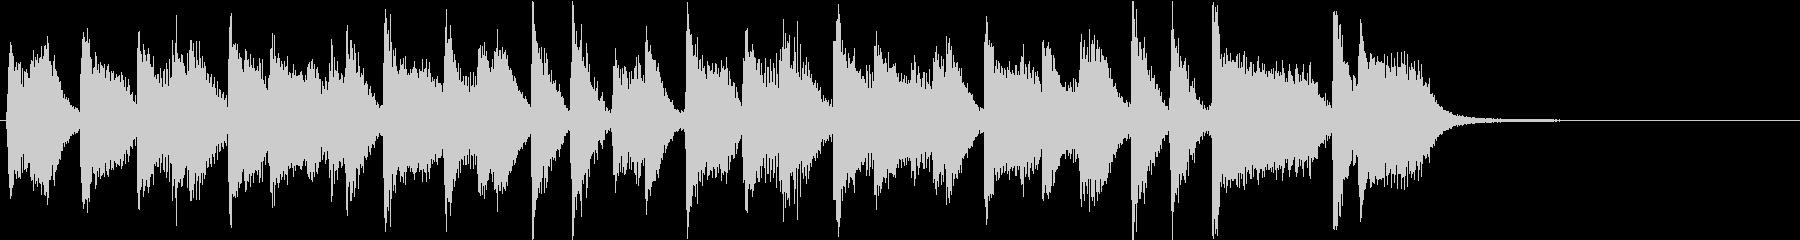 ファンキーなリズムのクールピアノジングルの未再生の波形